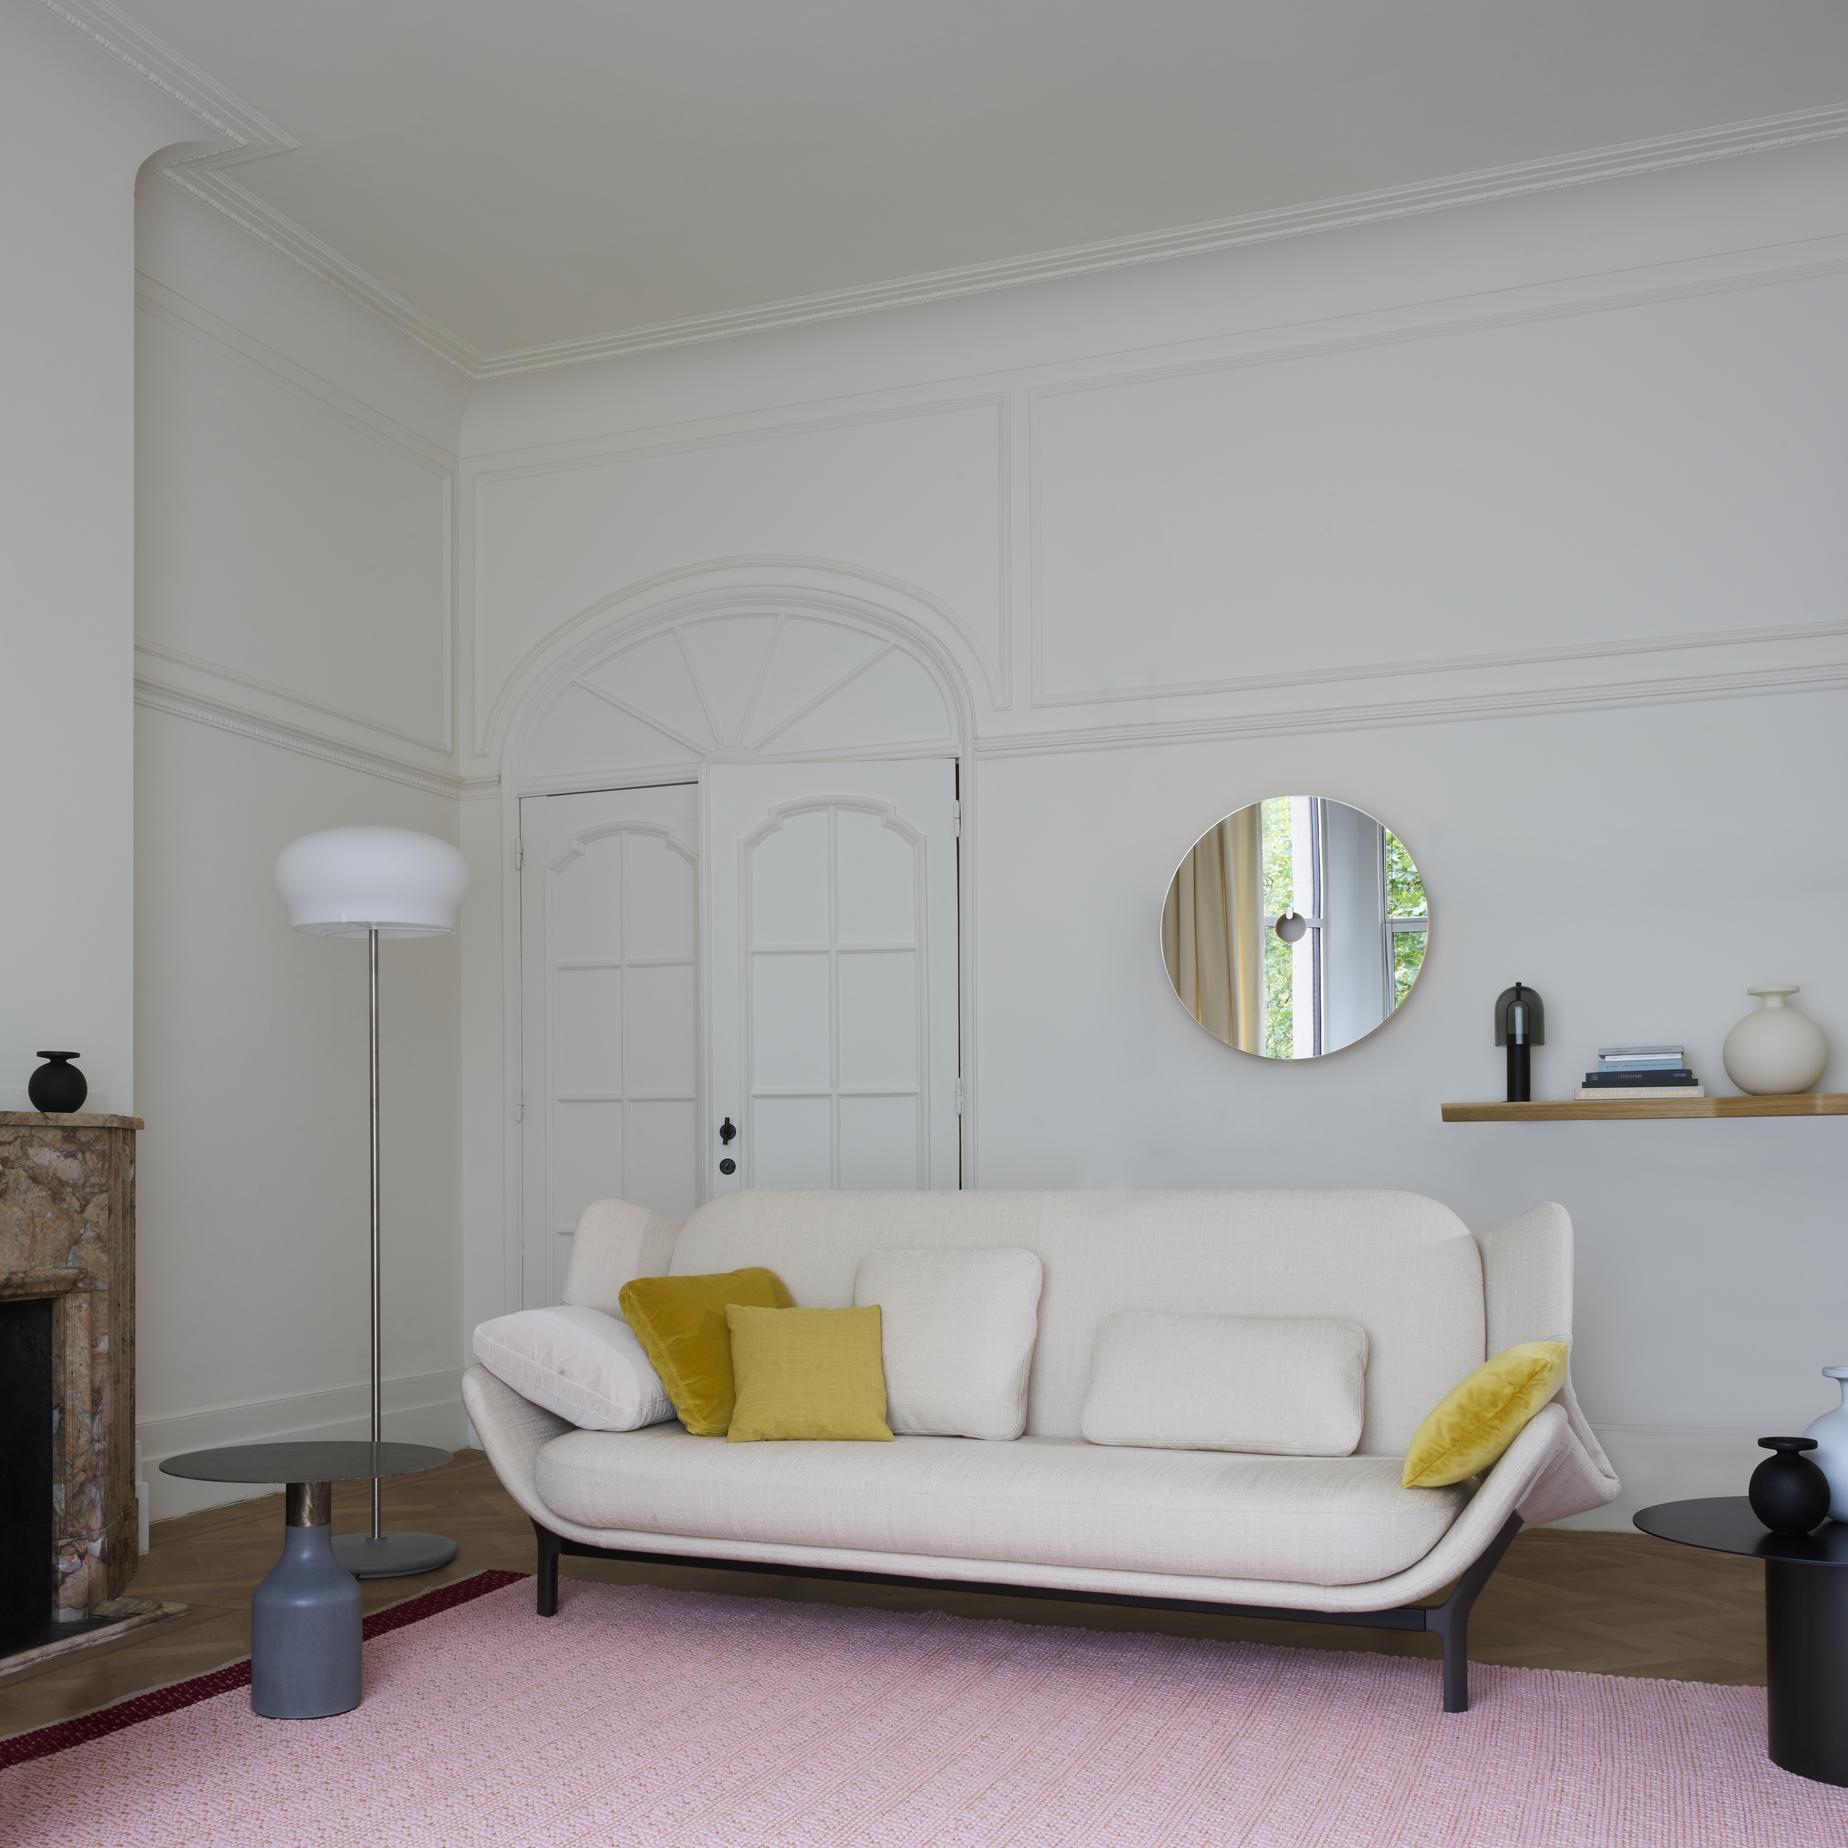 Full Size of Ligne Roset Togo Sofa Uk Confluences Bed Multy For Sale Review Furniture Dimensions Prado Feng Instructions Ebay Clam Höffner Big Mit Elektrischer Sofa Ligne Roset Sofa